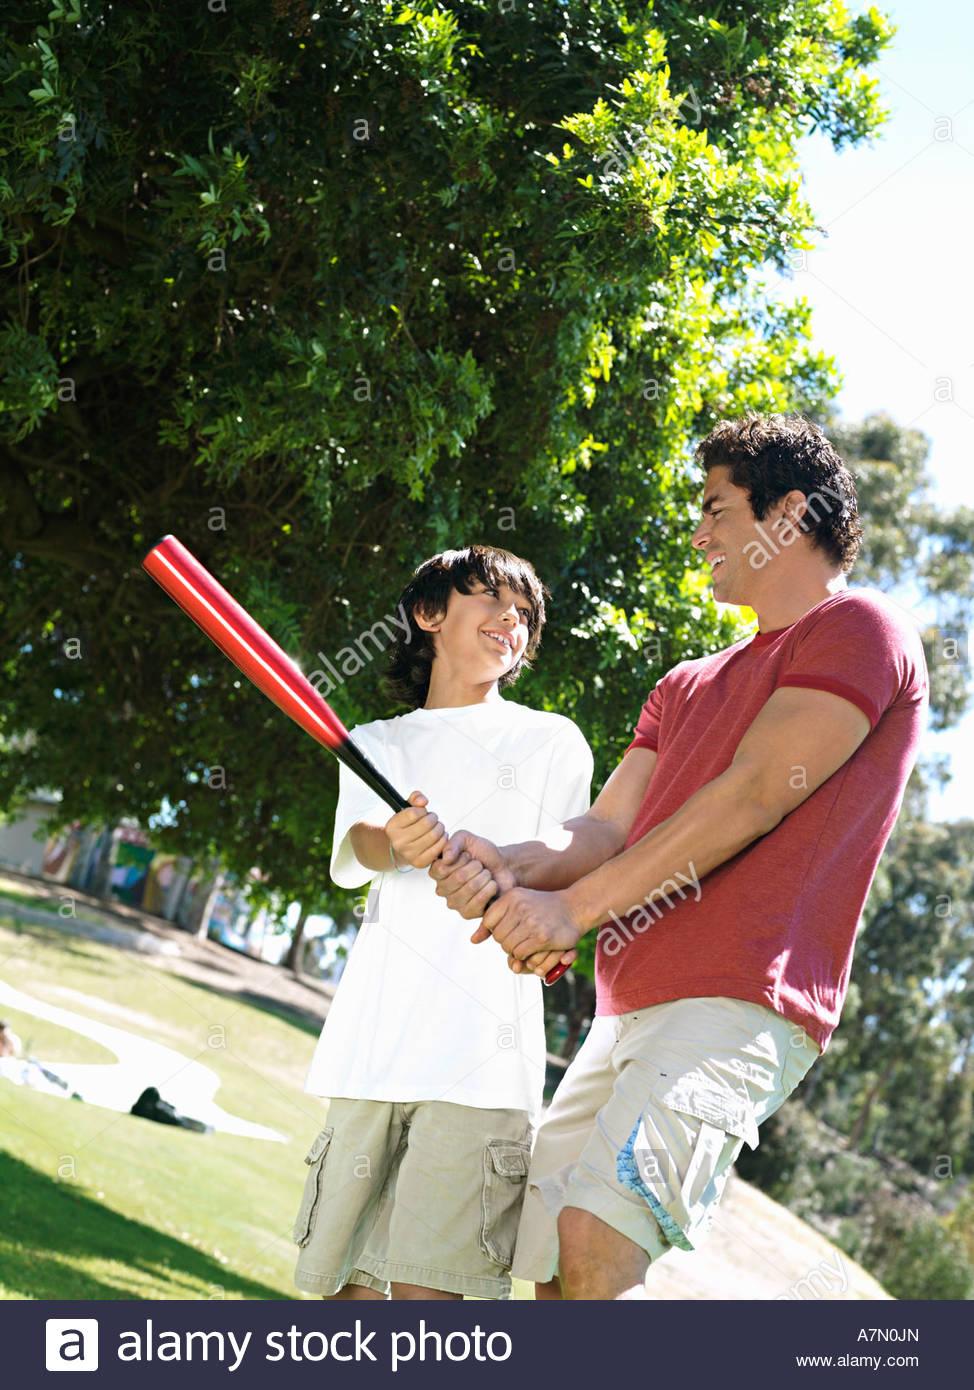 Padre hijo de enseñanza 10 12 cómo mantener bate de béisbol de pie sobre el césped en el parque Imagen De Stock